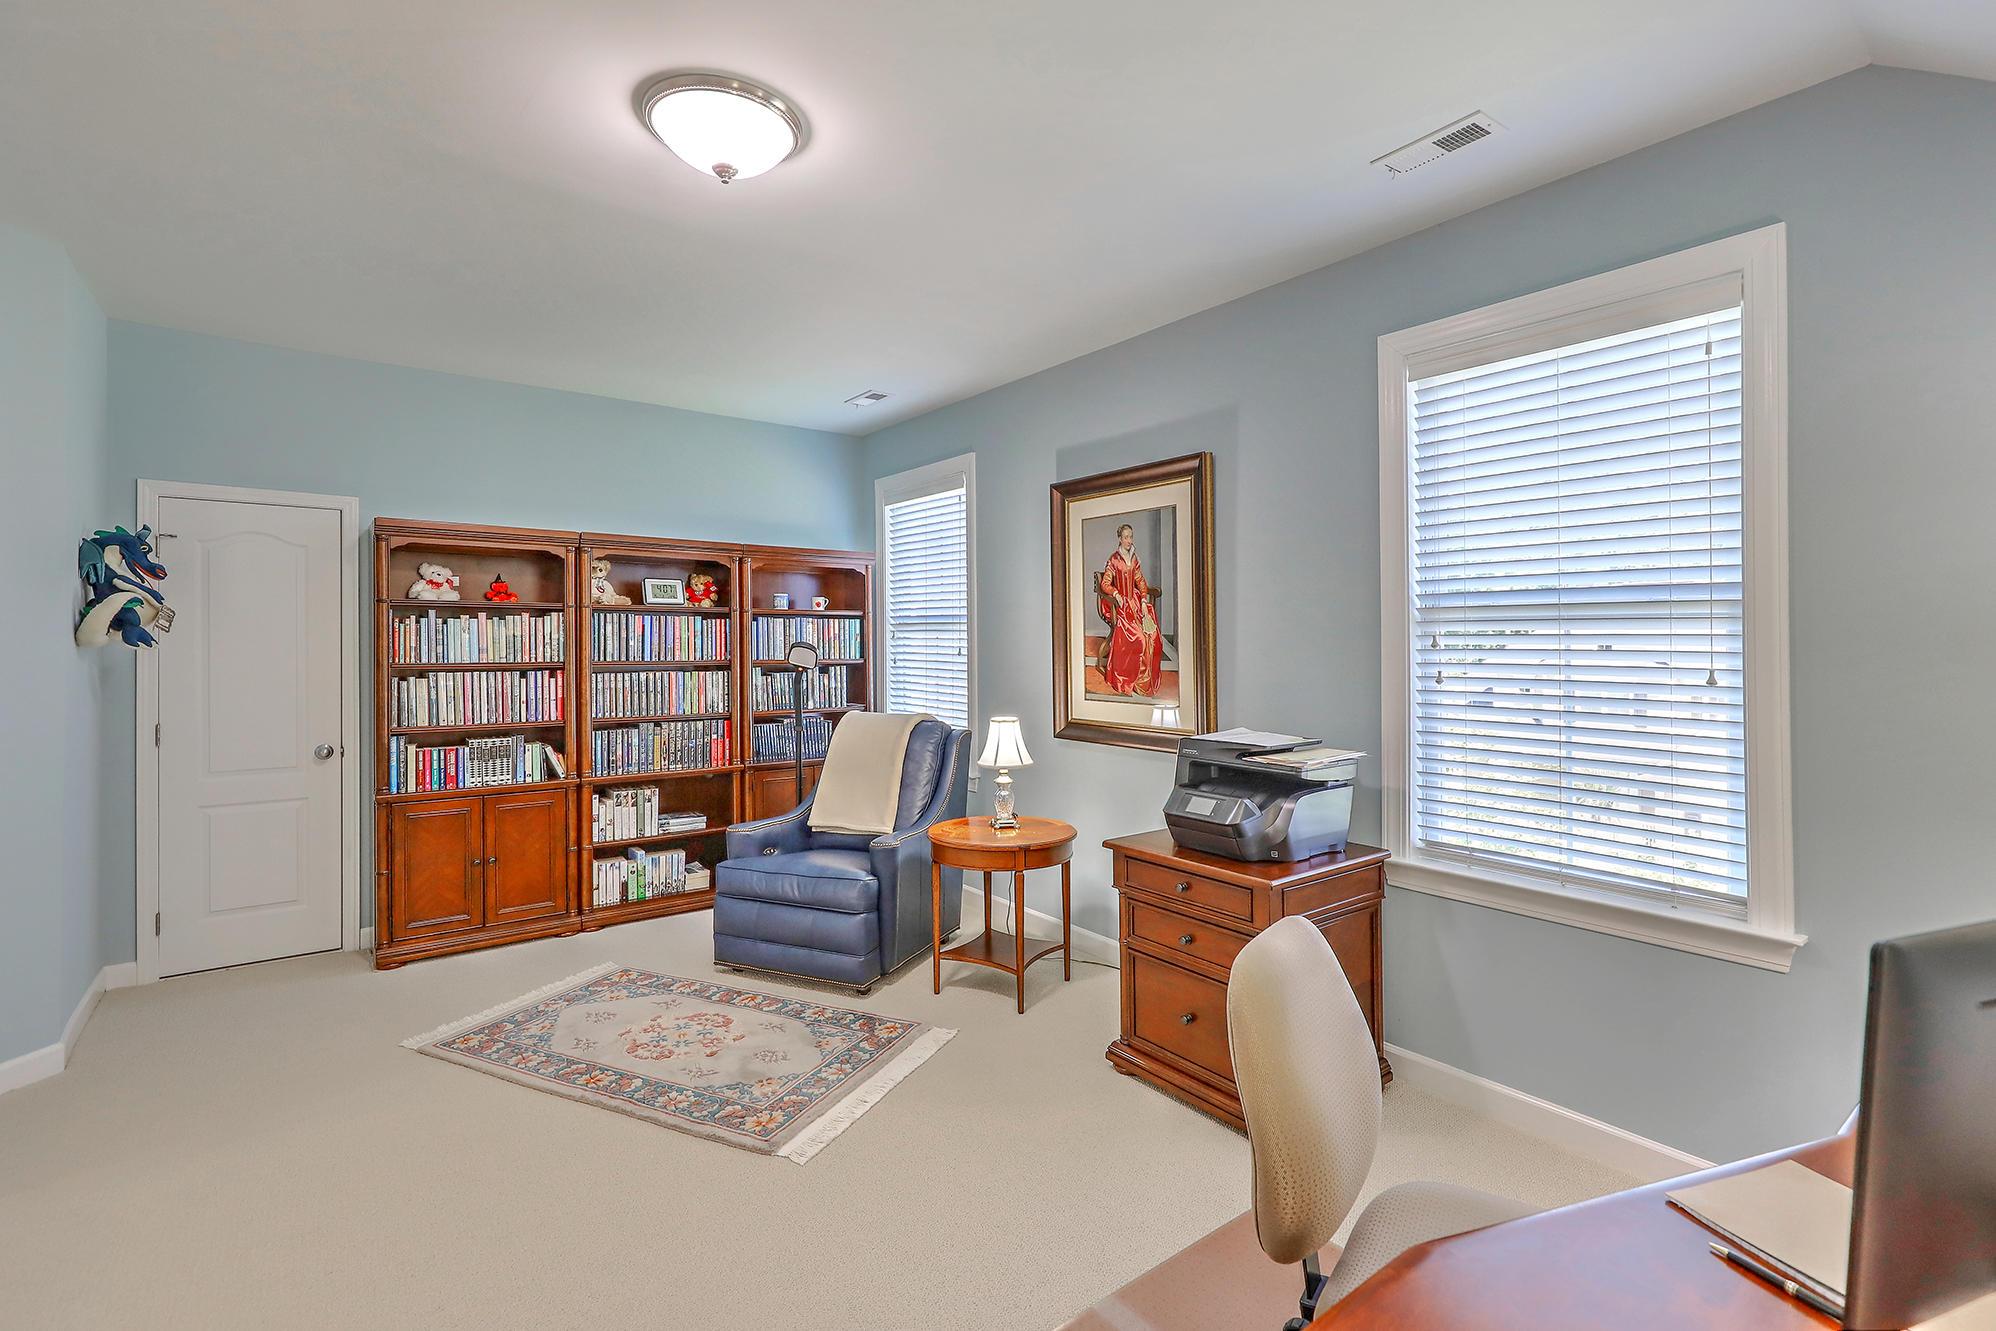 Park West Homes For Sale - 2108 Malcolm, Mount Pleasant, SC - 14